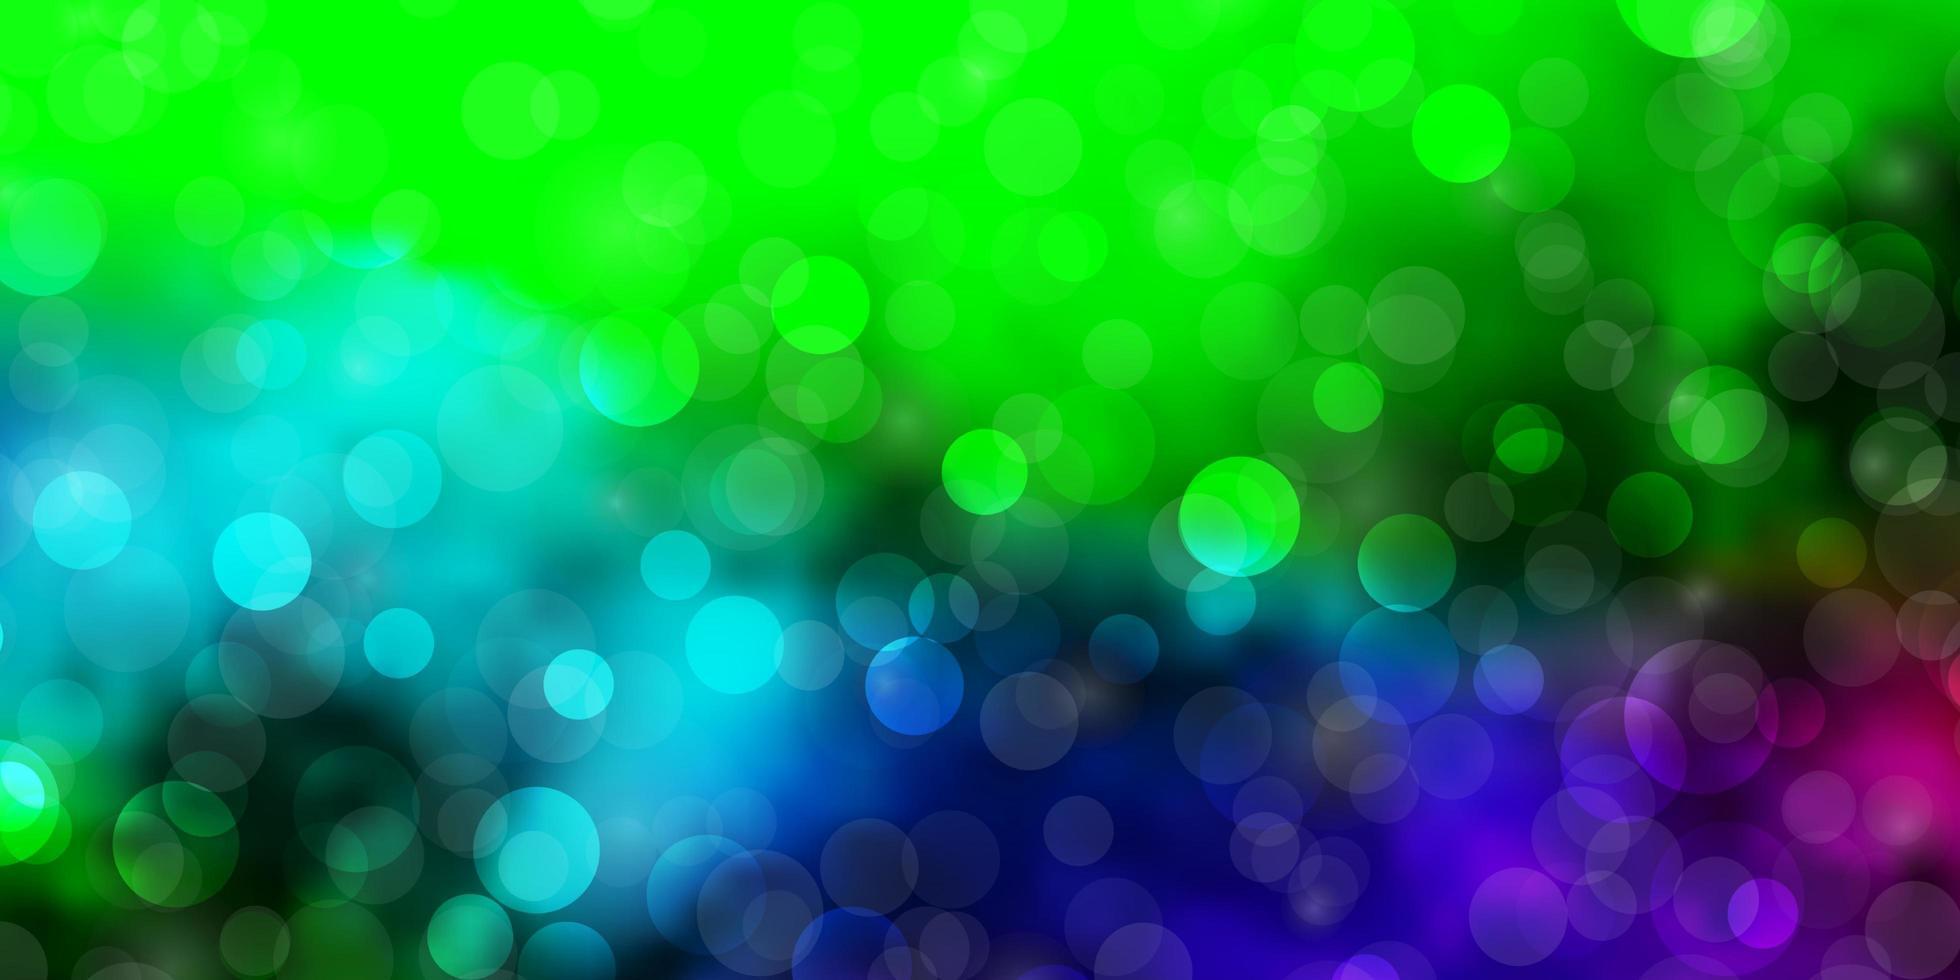 mörkt flerfärgat vektormönster med cirklar. vektor